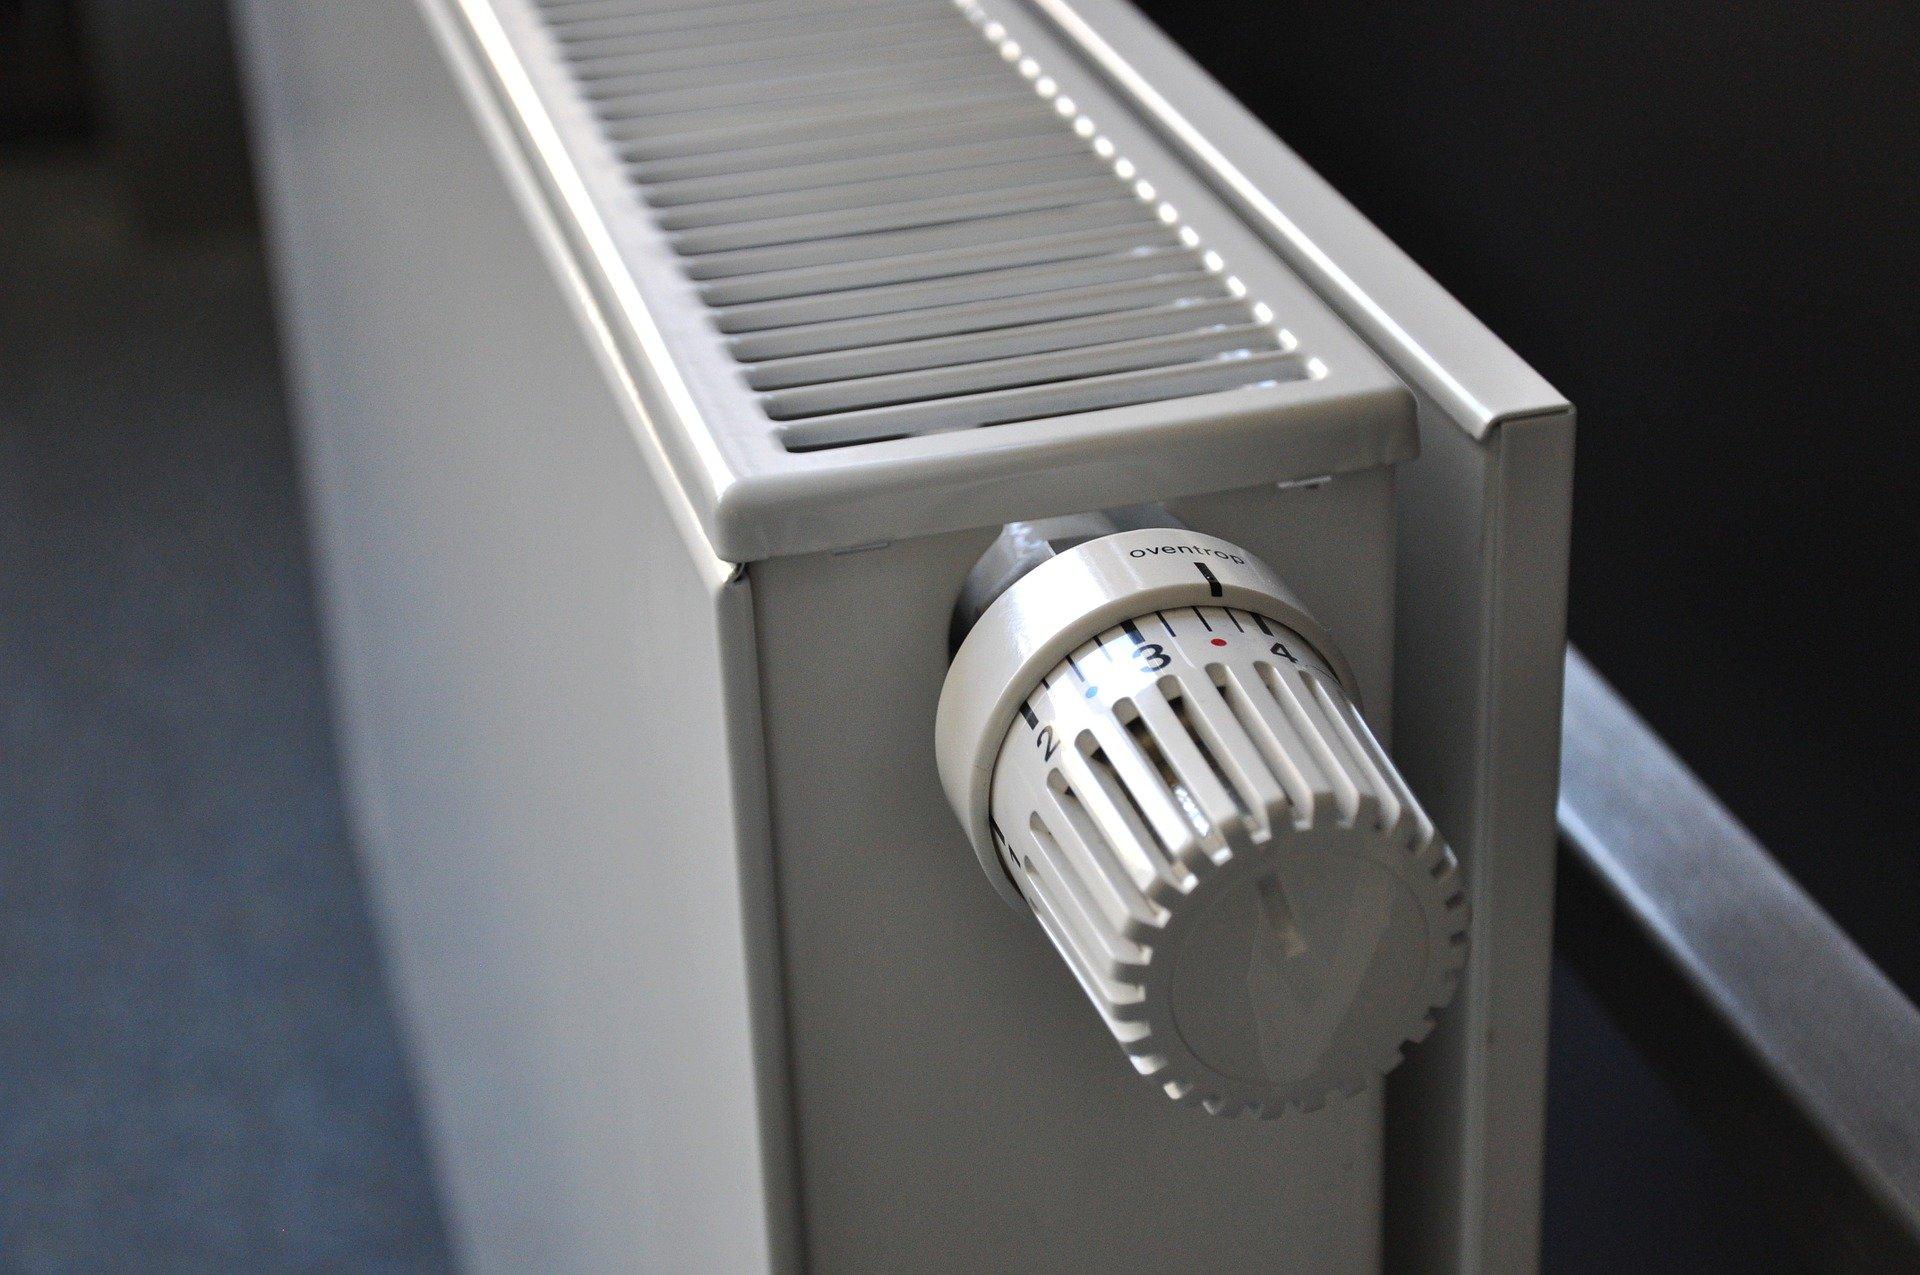 pompes à chaleur aide 2021